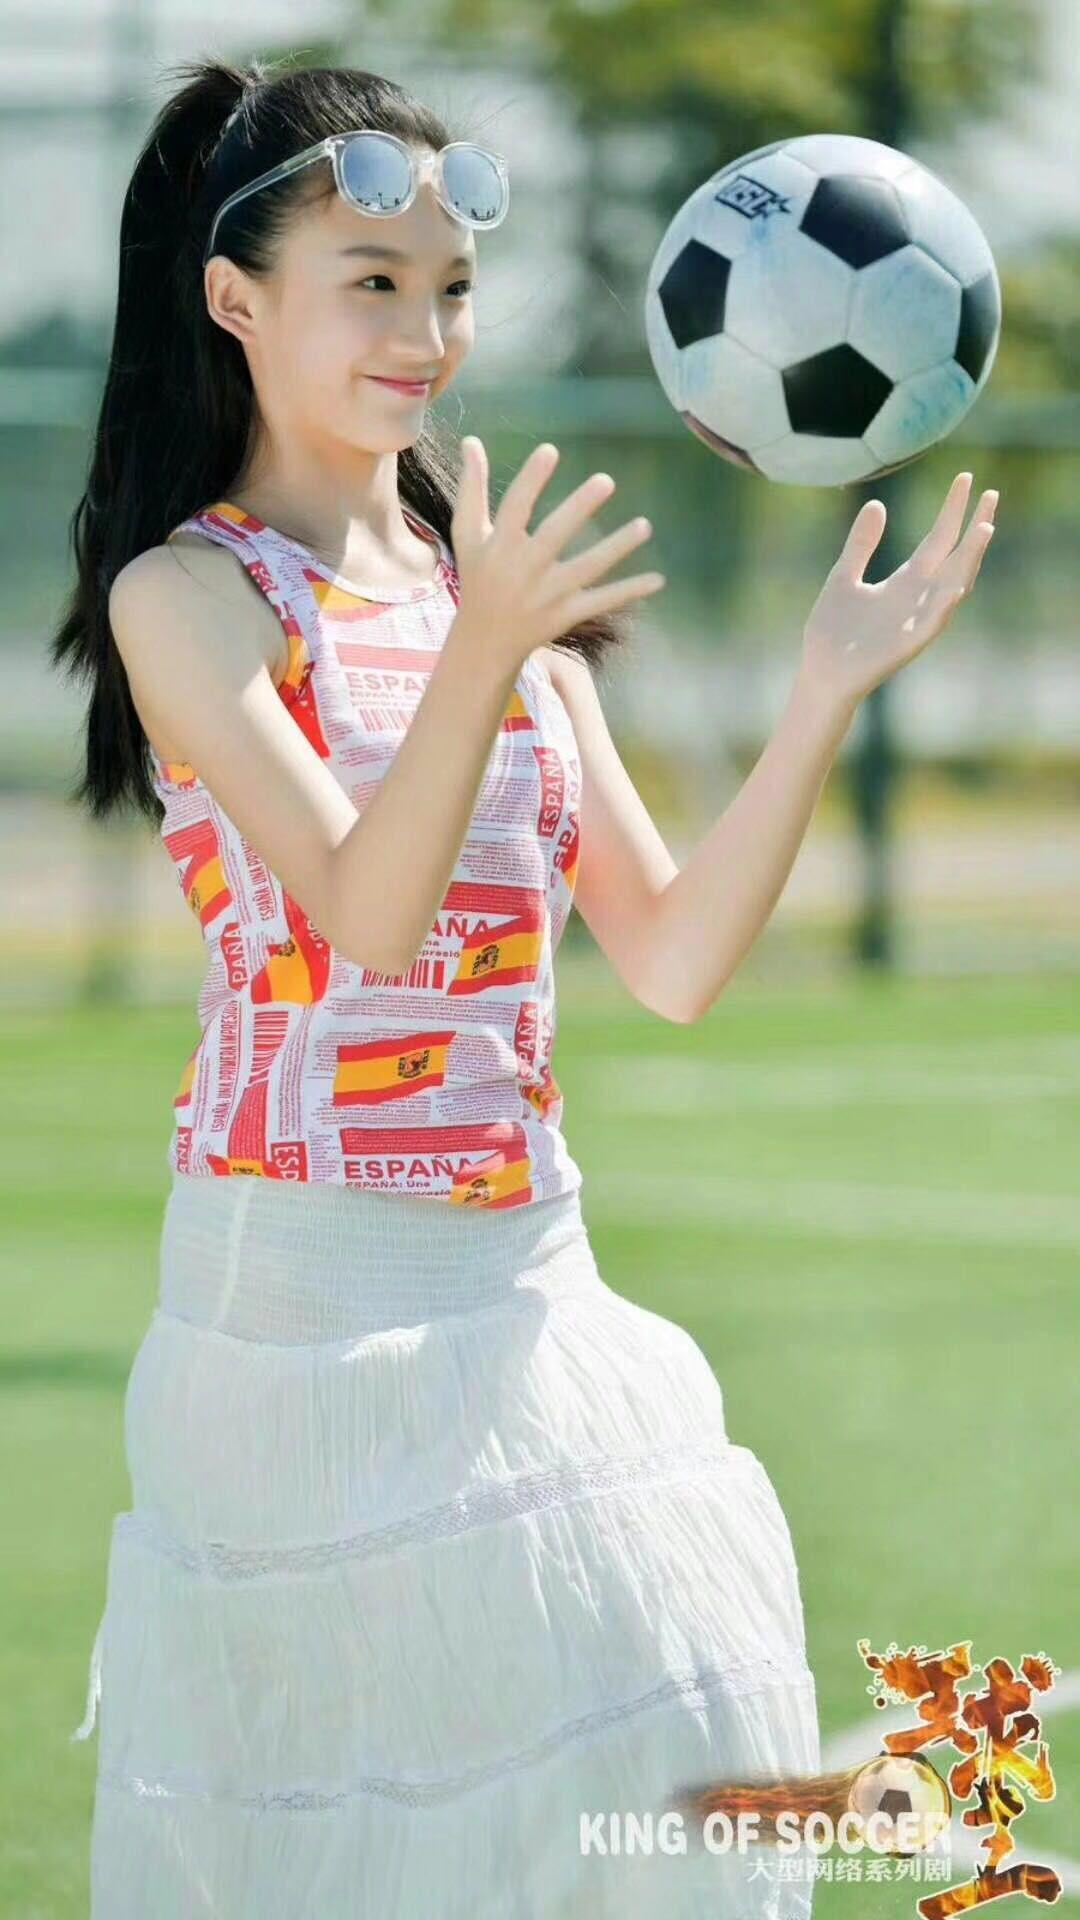 网剧《球王》燃爆世界杯 暑期激情一夏